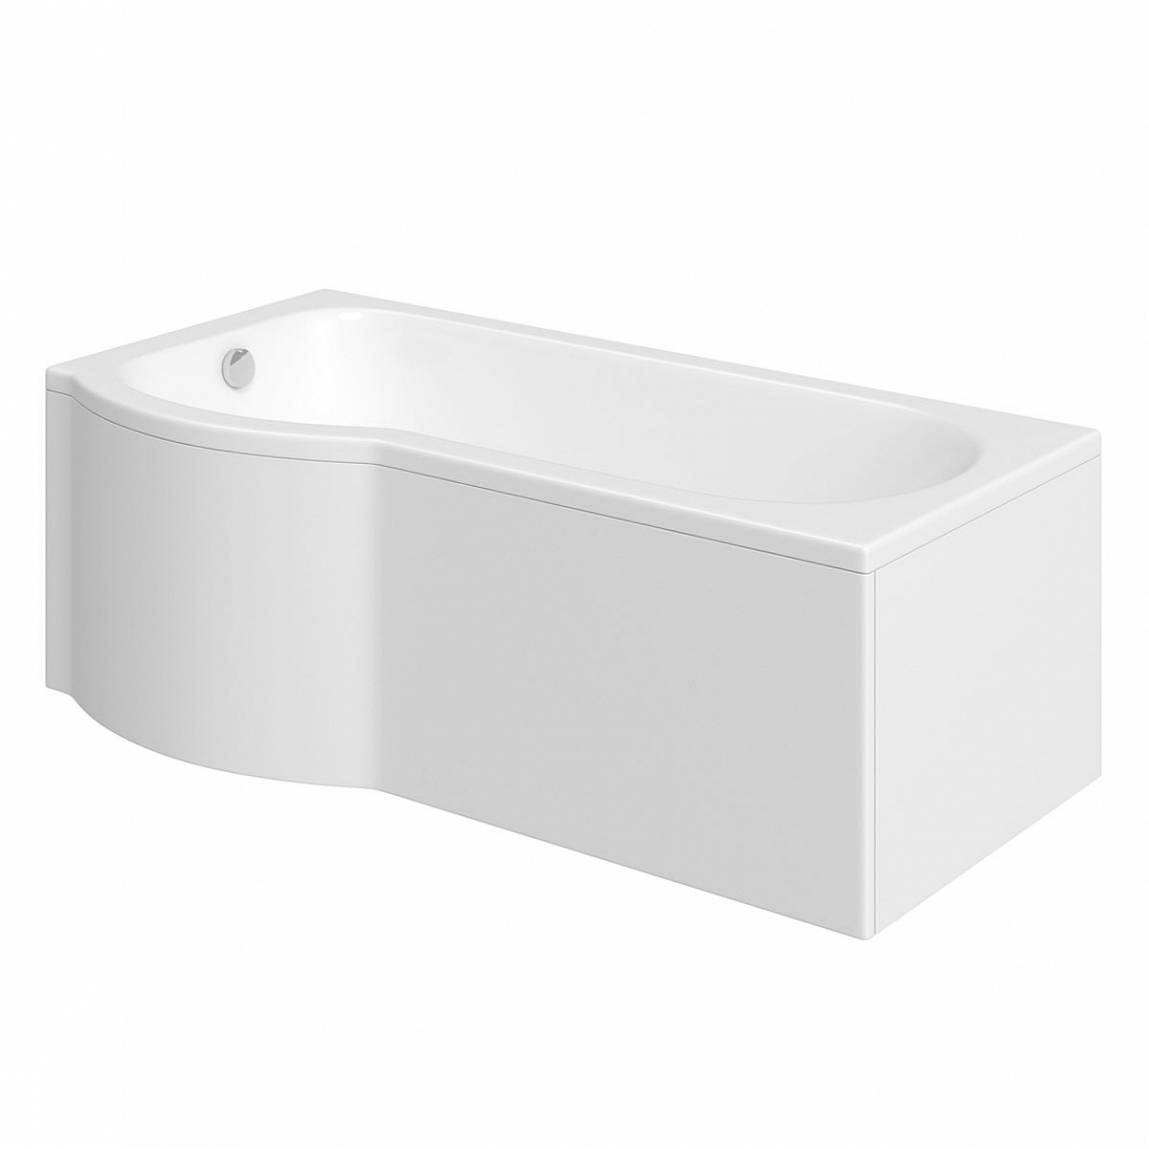 Evesham shower bath 1500 x 800 lh for Small baths 1500